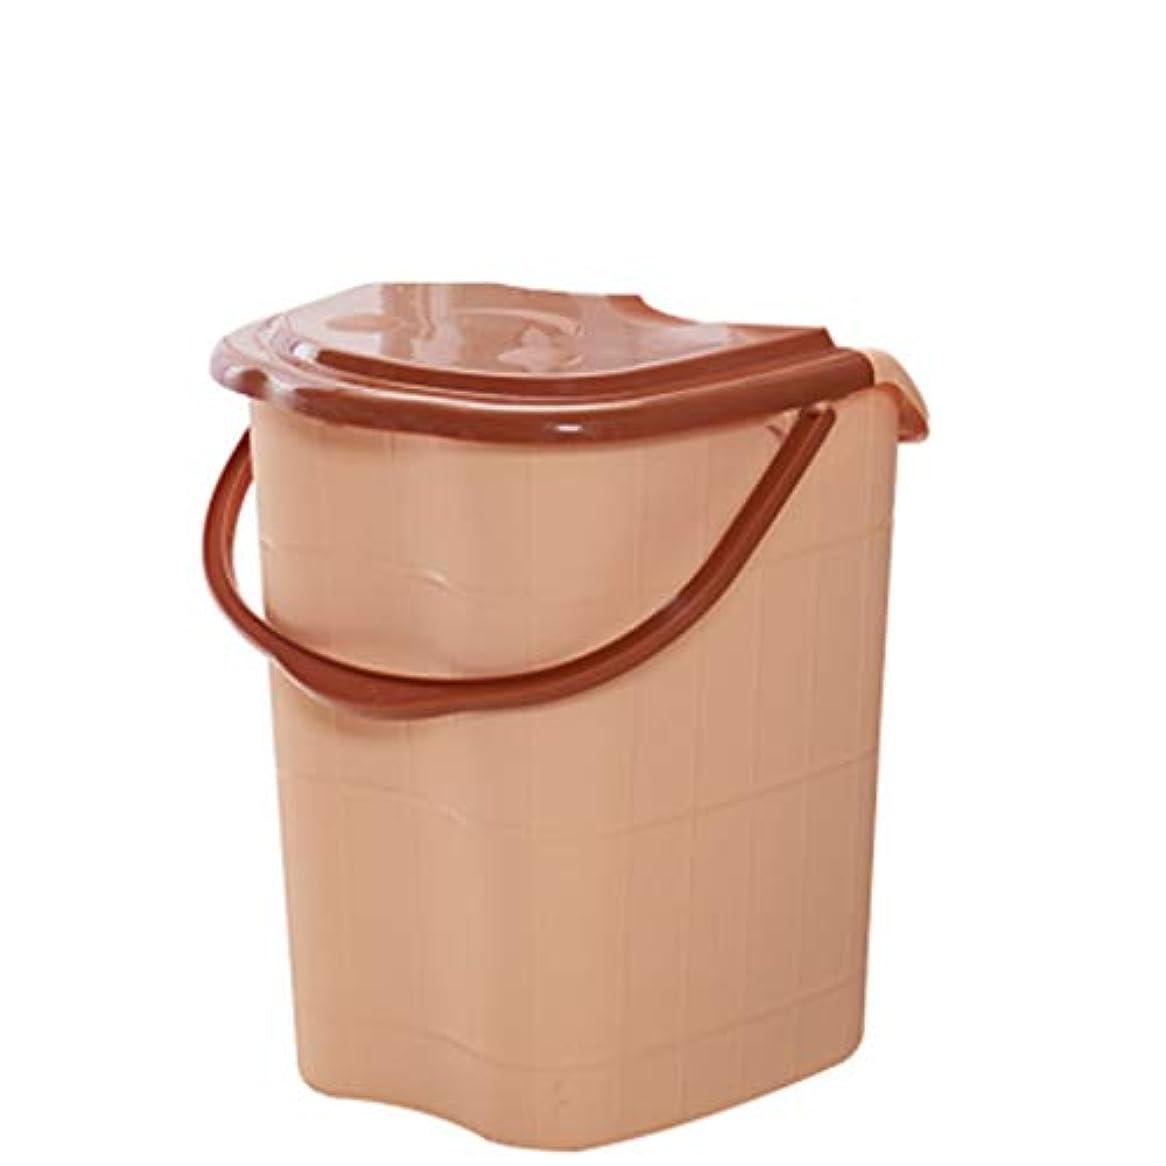 怠なパドル暴力BB- ?AMT高さ特大マッサージ浴槽ポータブルふた付きフットバスバケット熱保存デトックススパボウル 0405 (色 : Brown, サイズ さいず : 44*42*53cm)